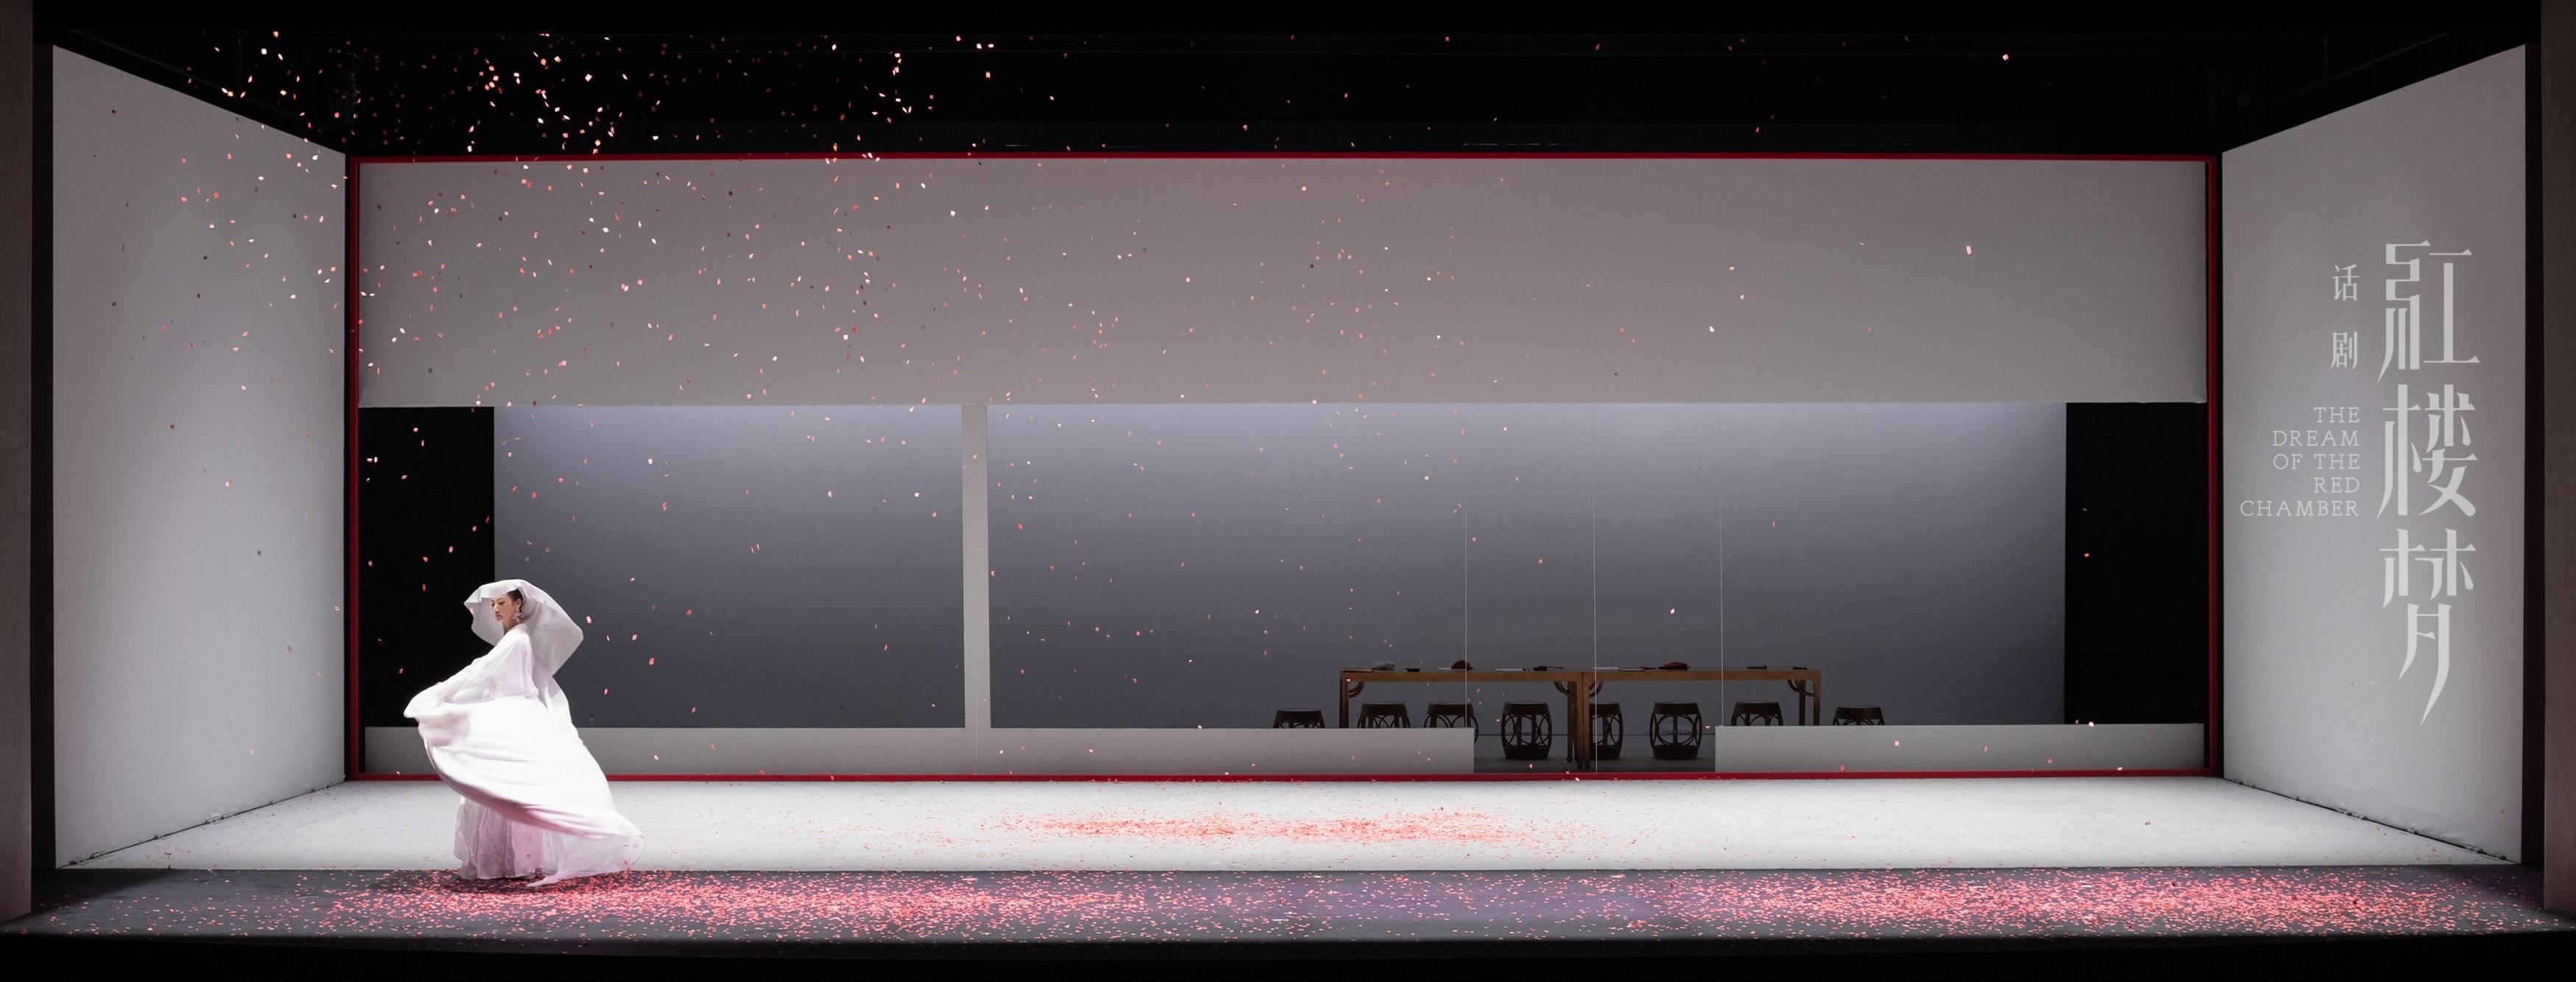 话剧《红楼梦》在上海话剧艺术中心首演 带你领略极致中式美学